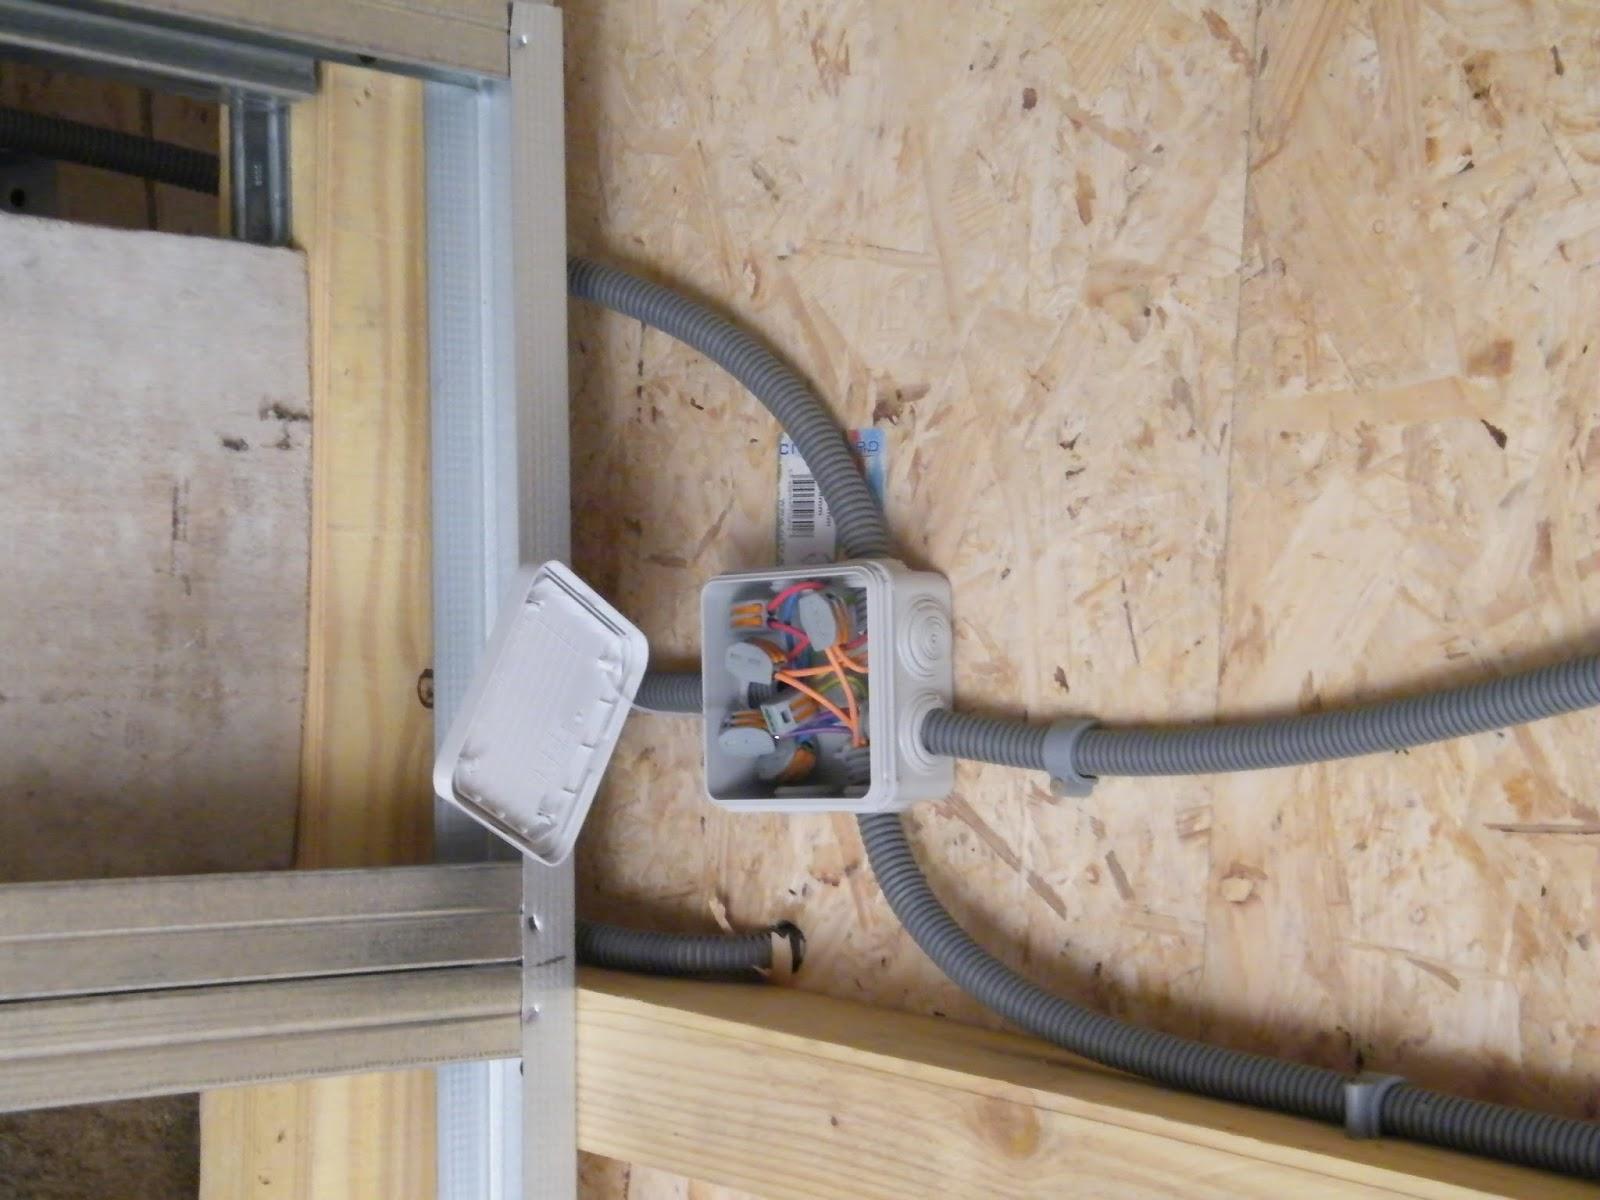 Chauffage Isolation Magasin de Bricolage Brico Dépôt Brico Depot